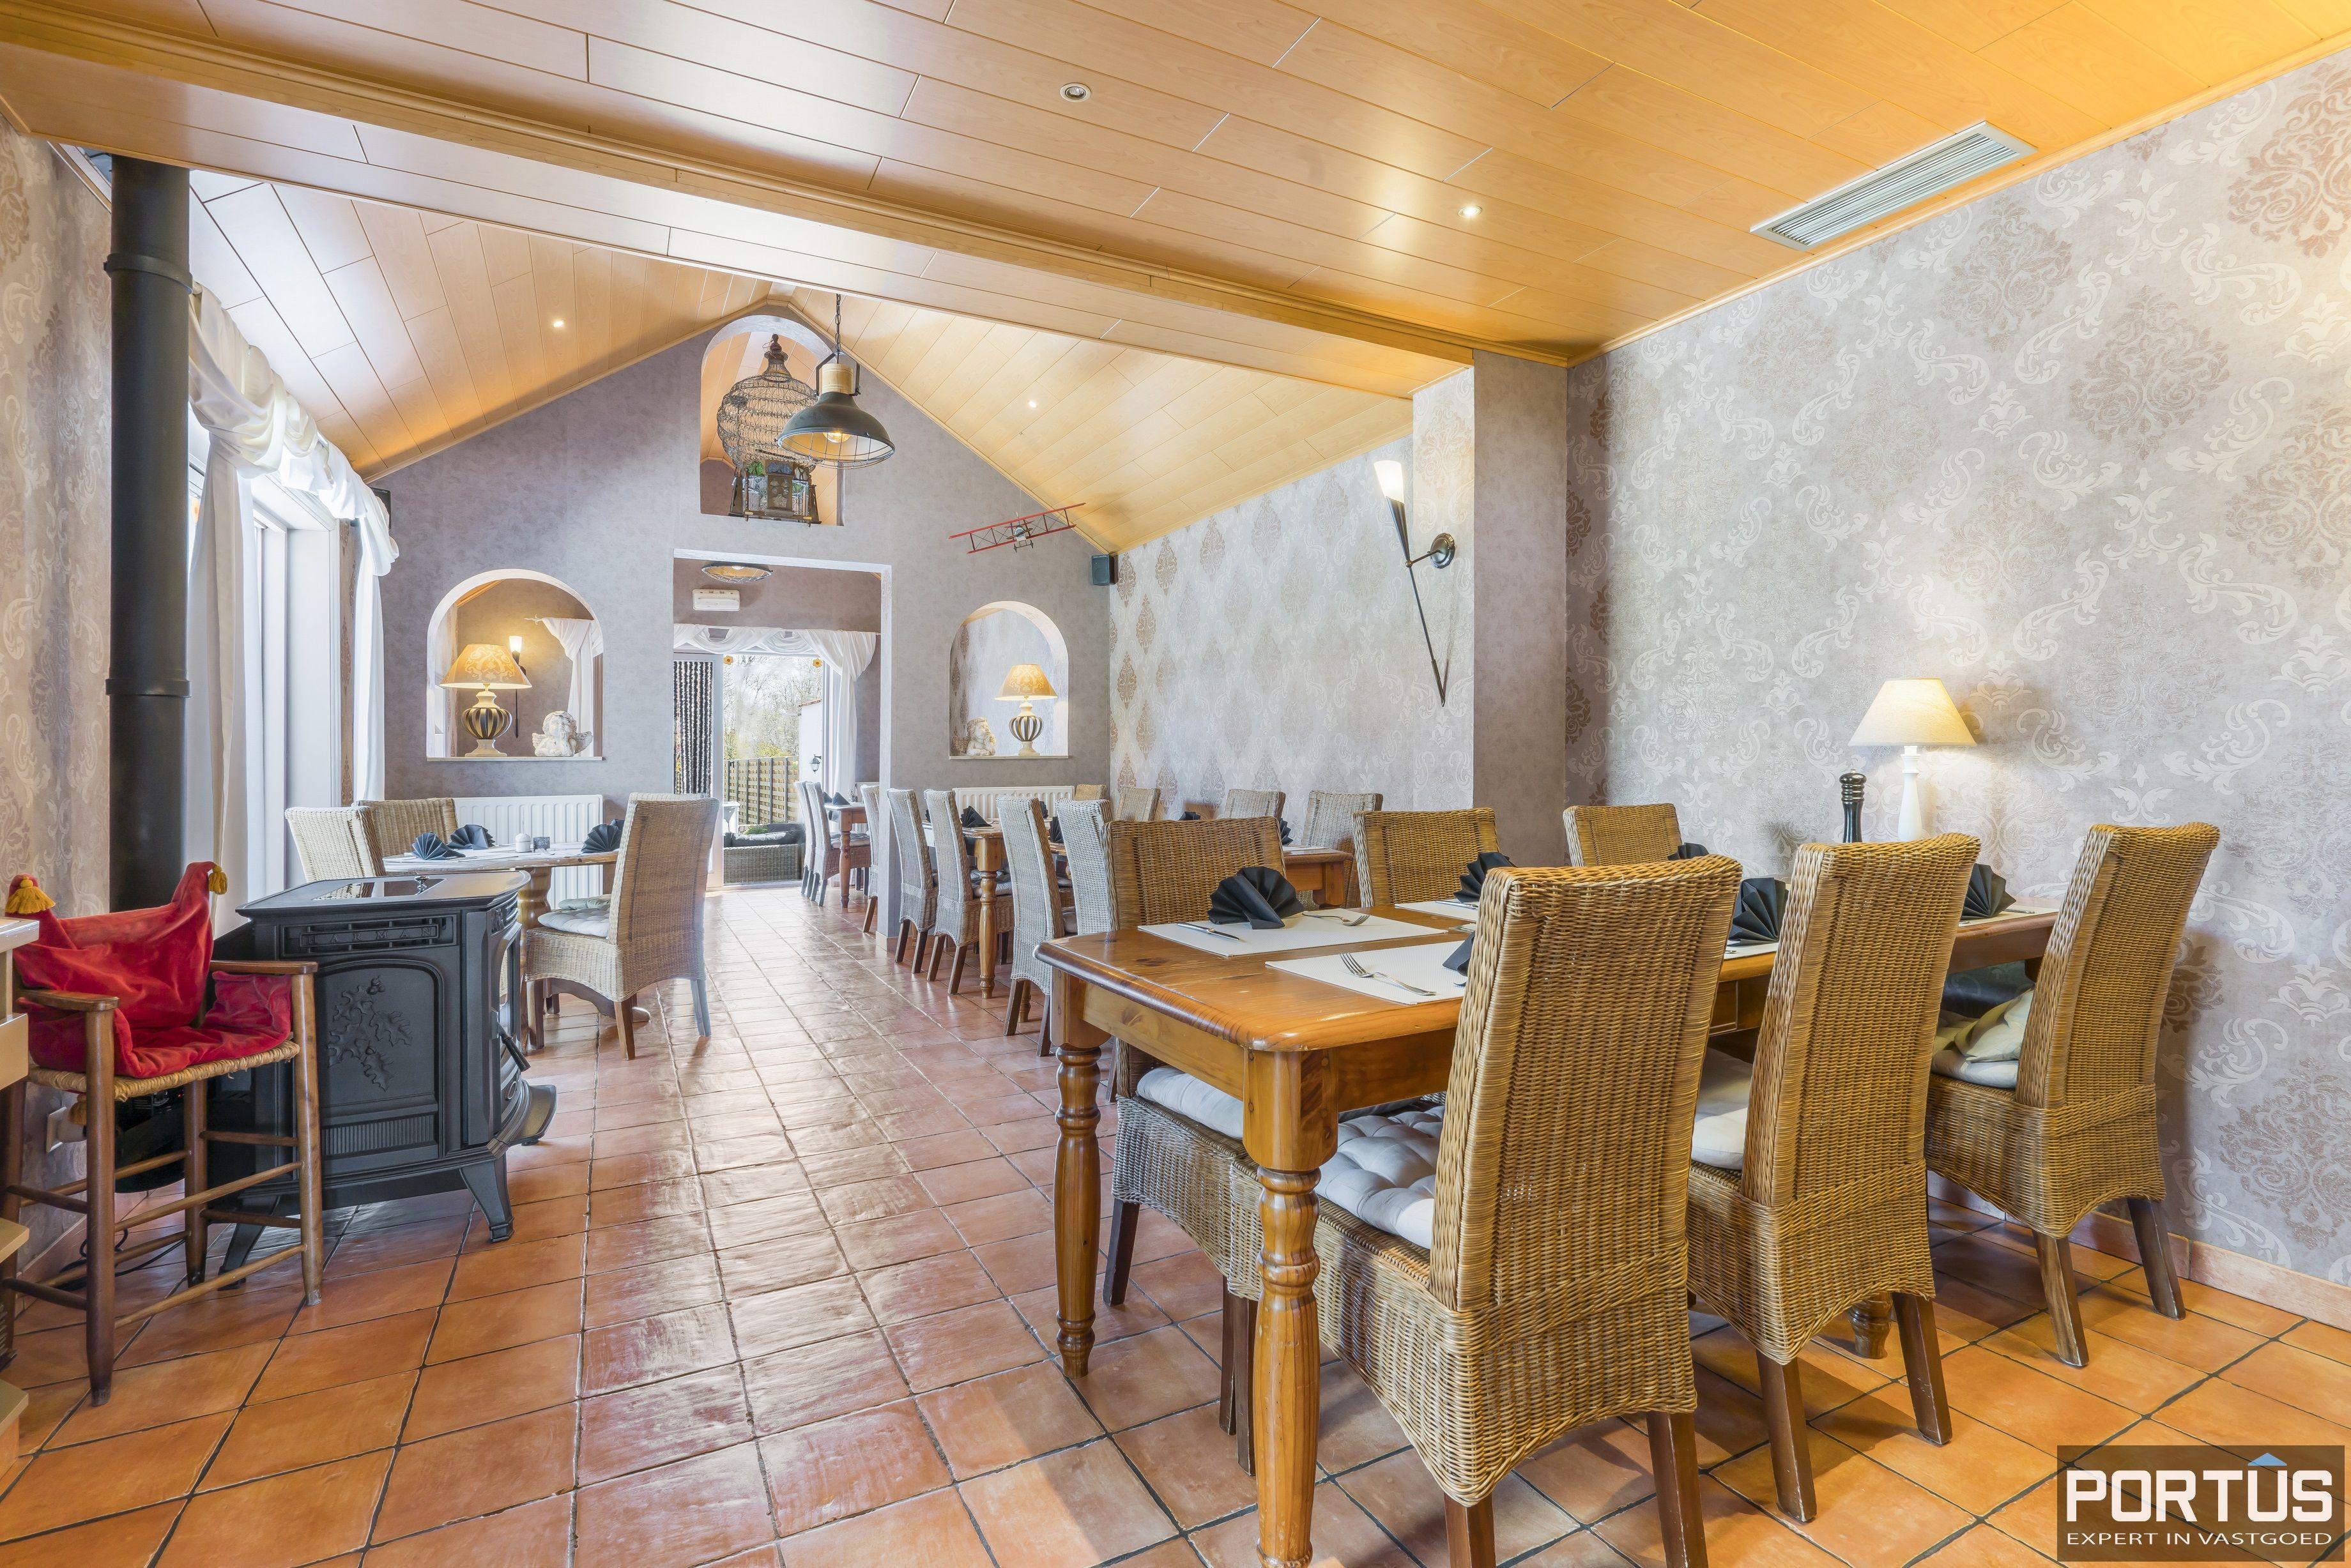 Restaurant met privéwoonst te koop te Westende - 12803